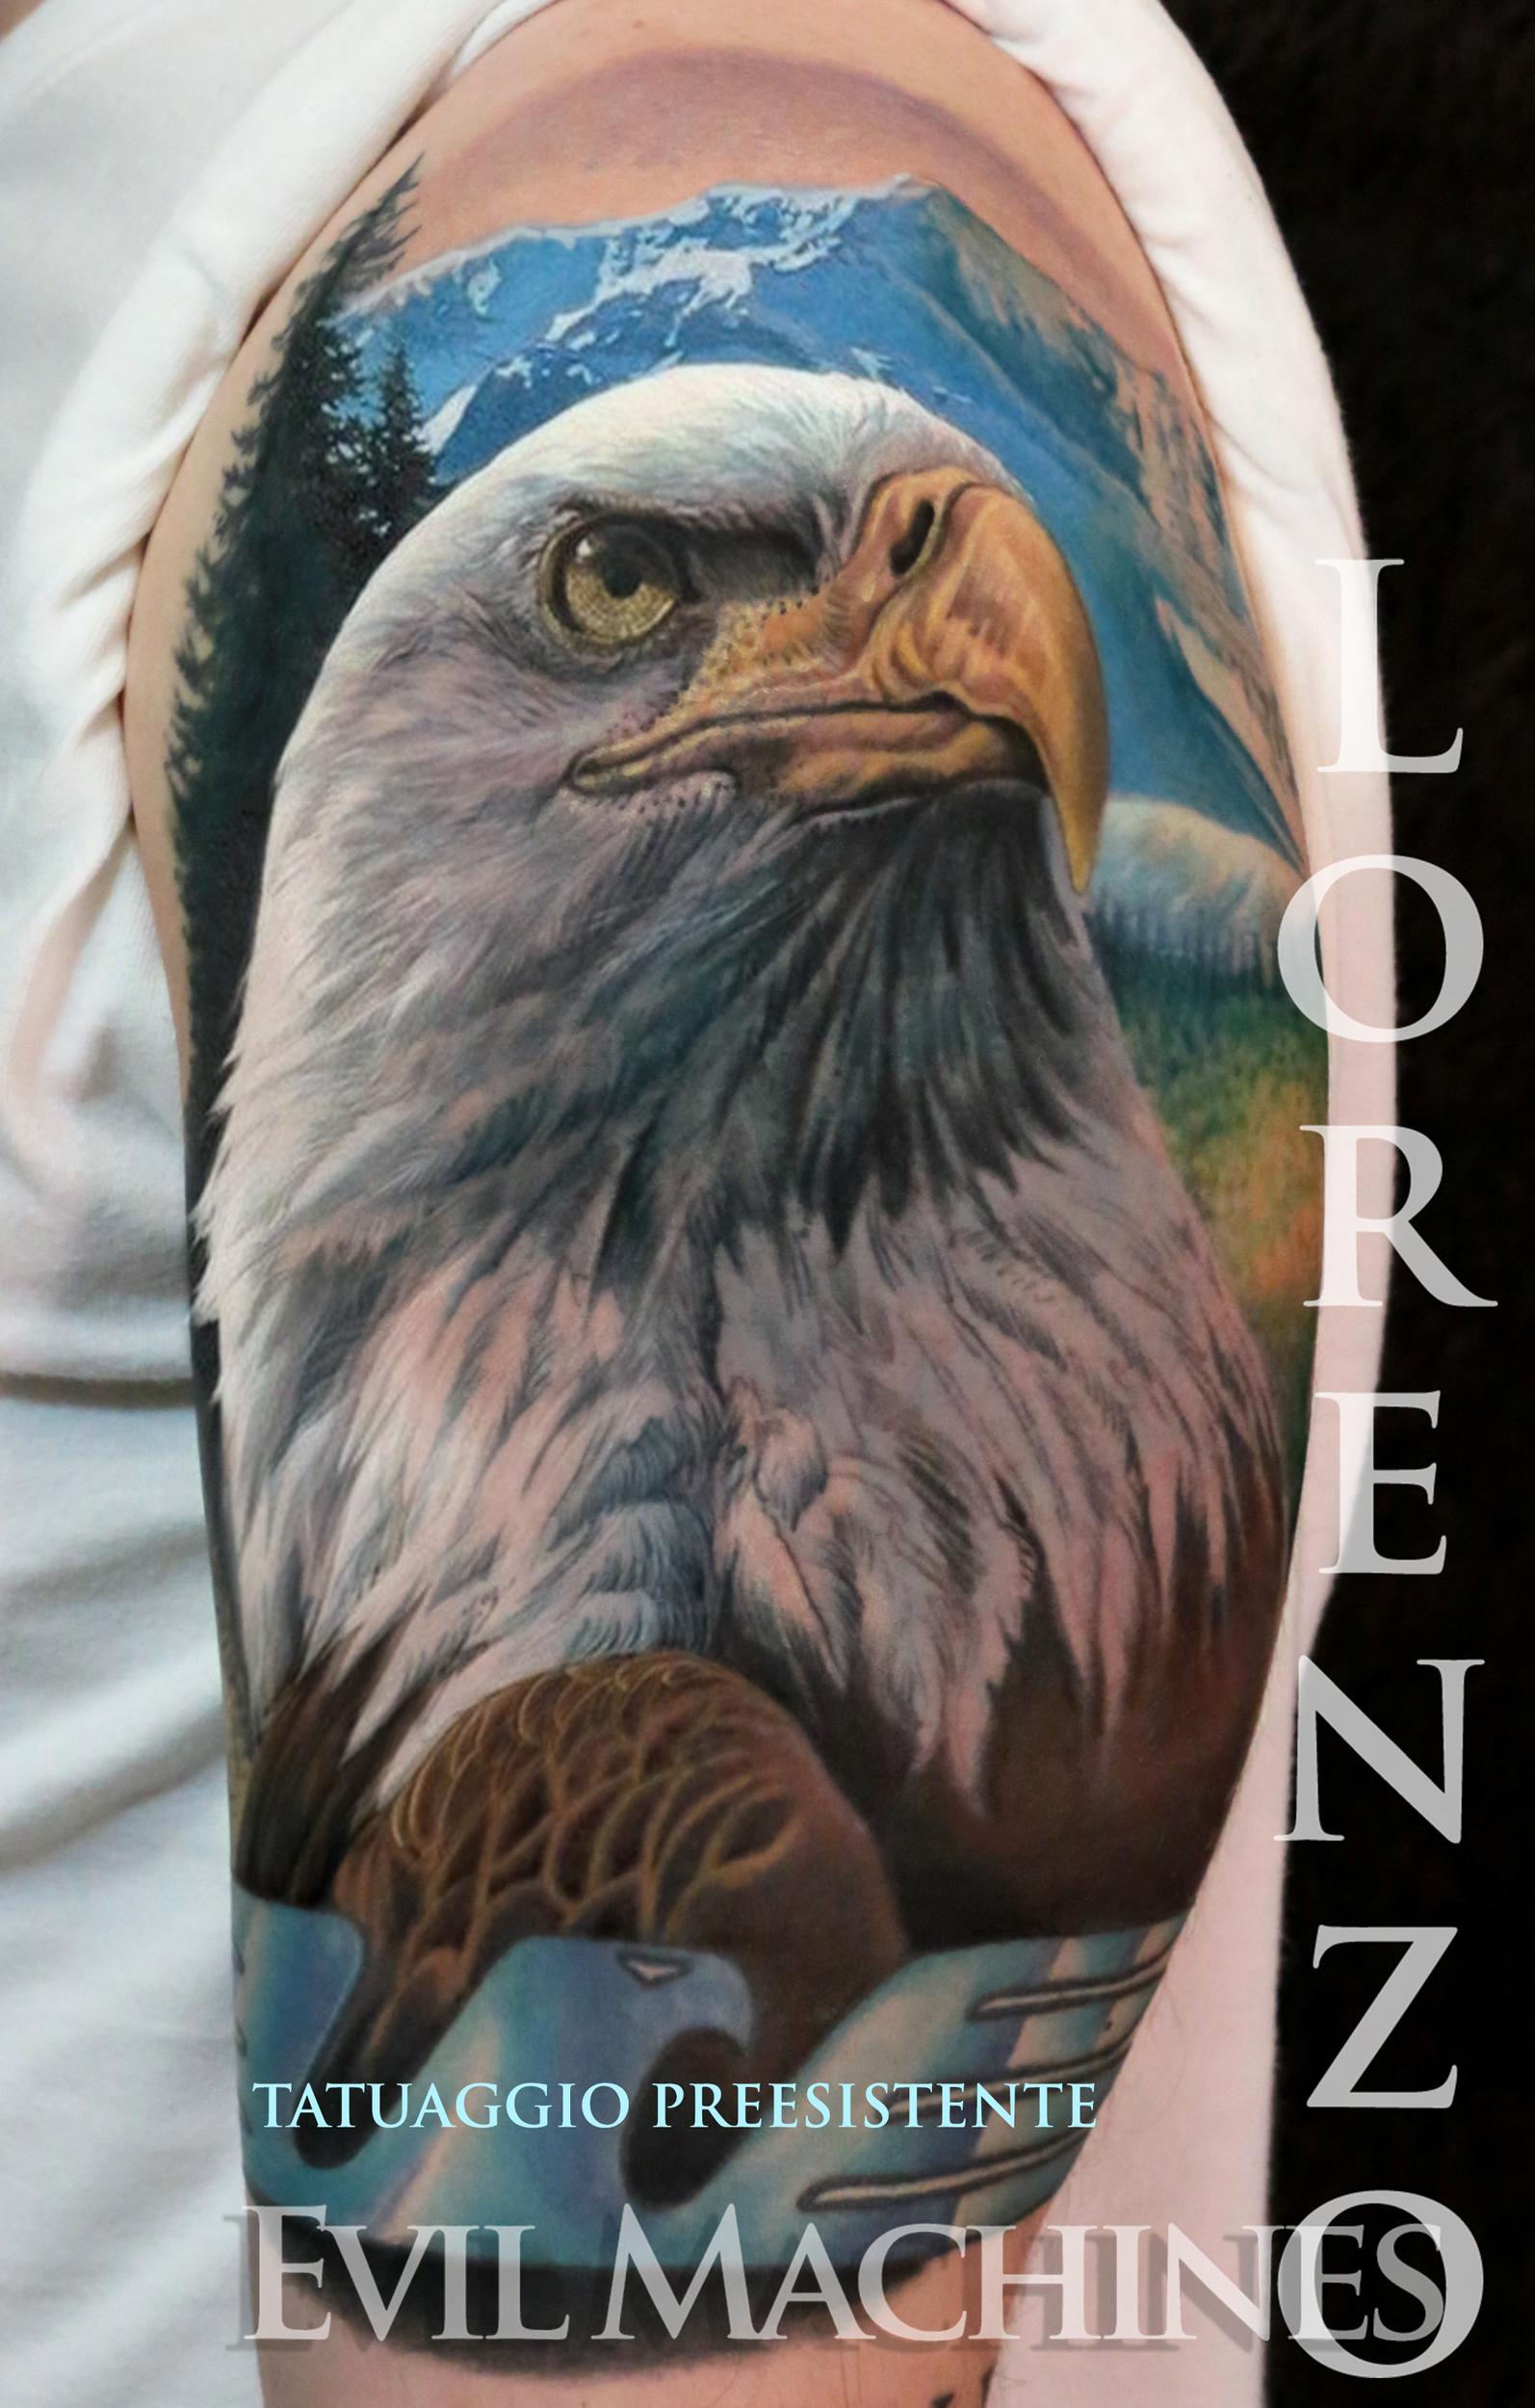 Aquila_eagle_lazio_2_Lorenzo_tatuatore_Evil_Machines_realistic_tattoo_tatuaggi_realistici_3d_Roma_miglior_migliore_ritratti